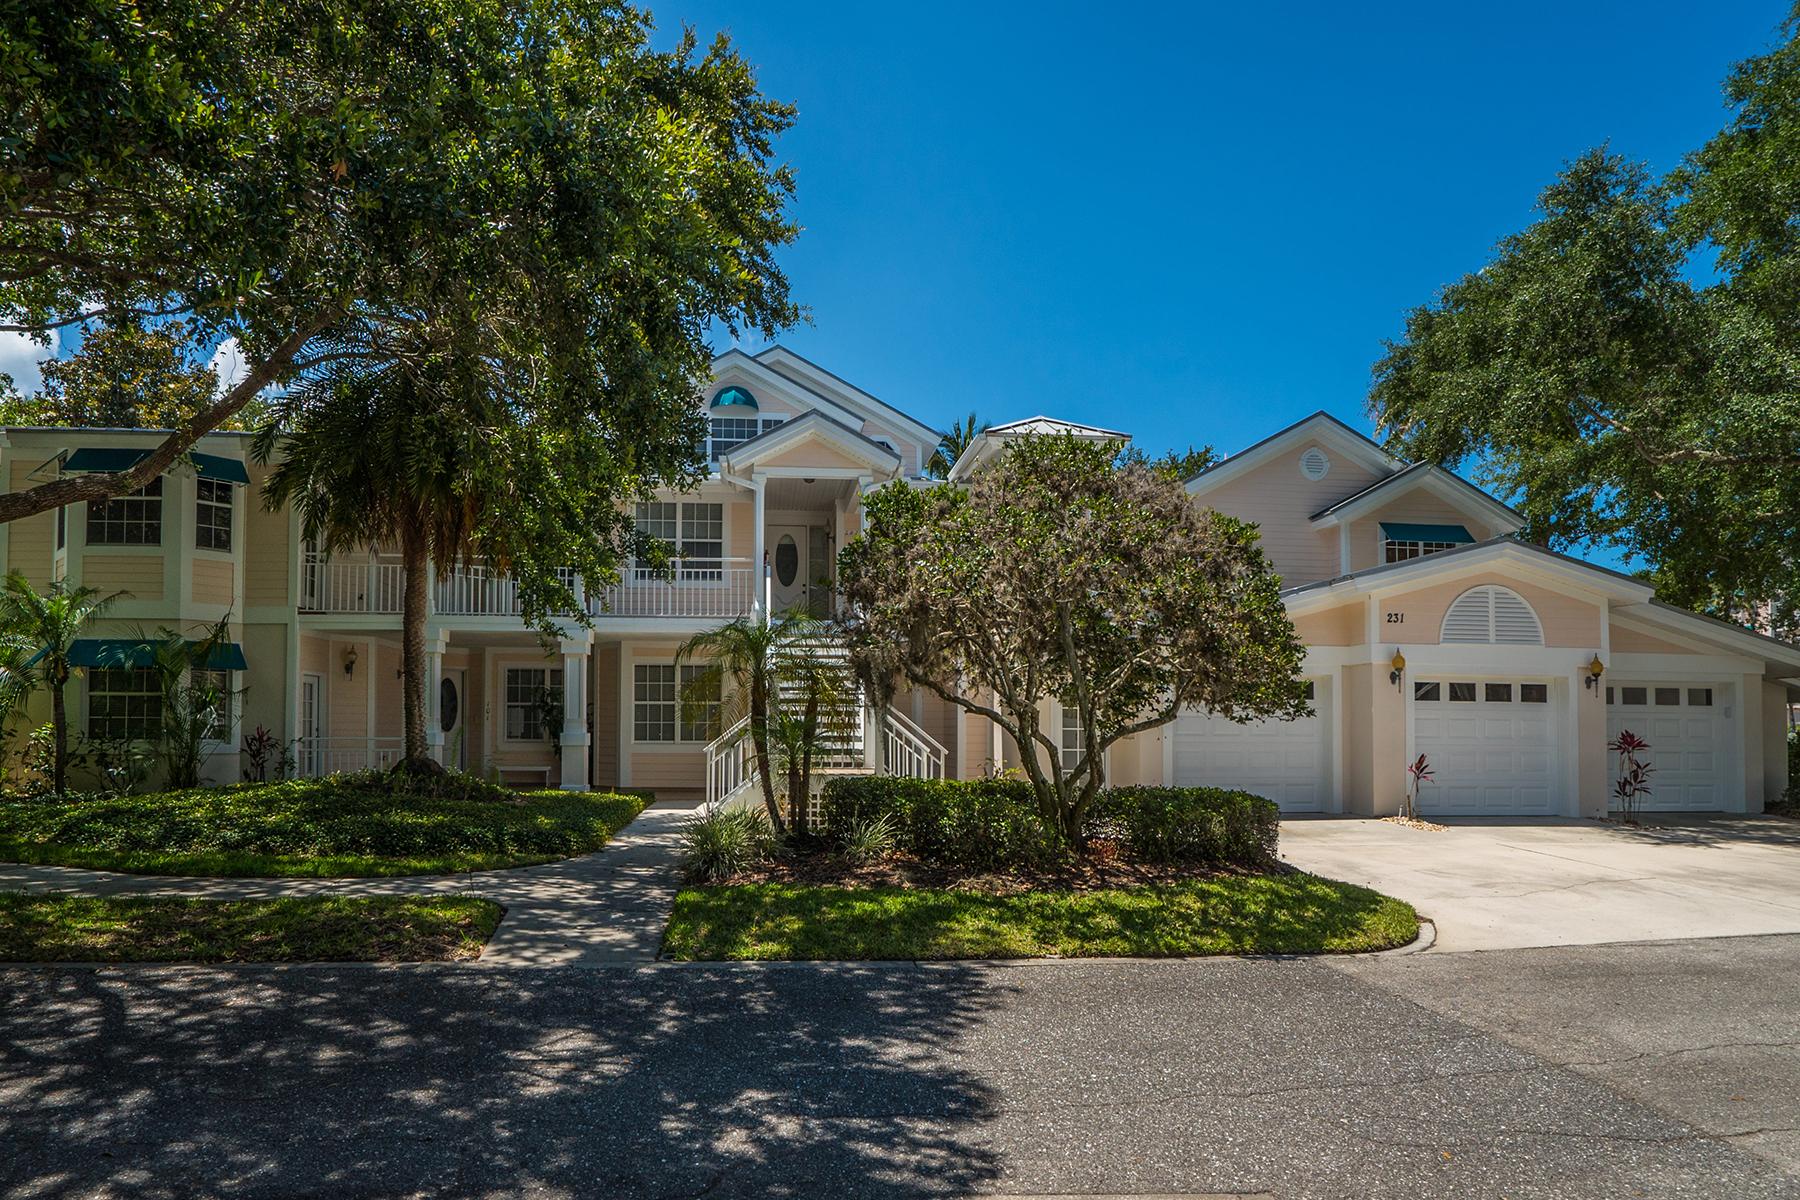 Condomínio para Venda às HIDDEN BAY - OSPREY 231 N Hidden Bay Dr 201 Osprey, Florida, 34229 Estados Unidos